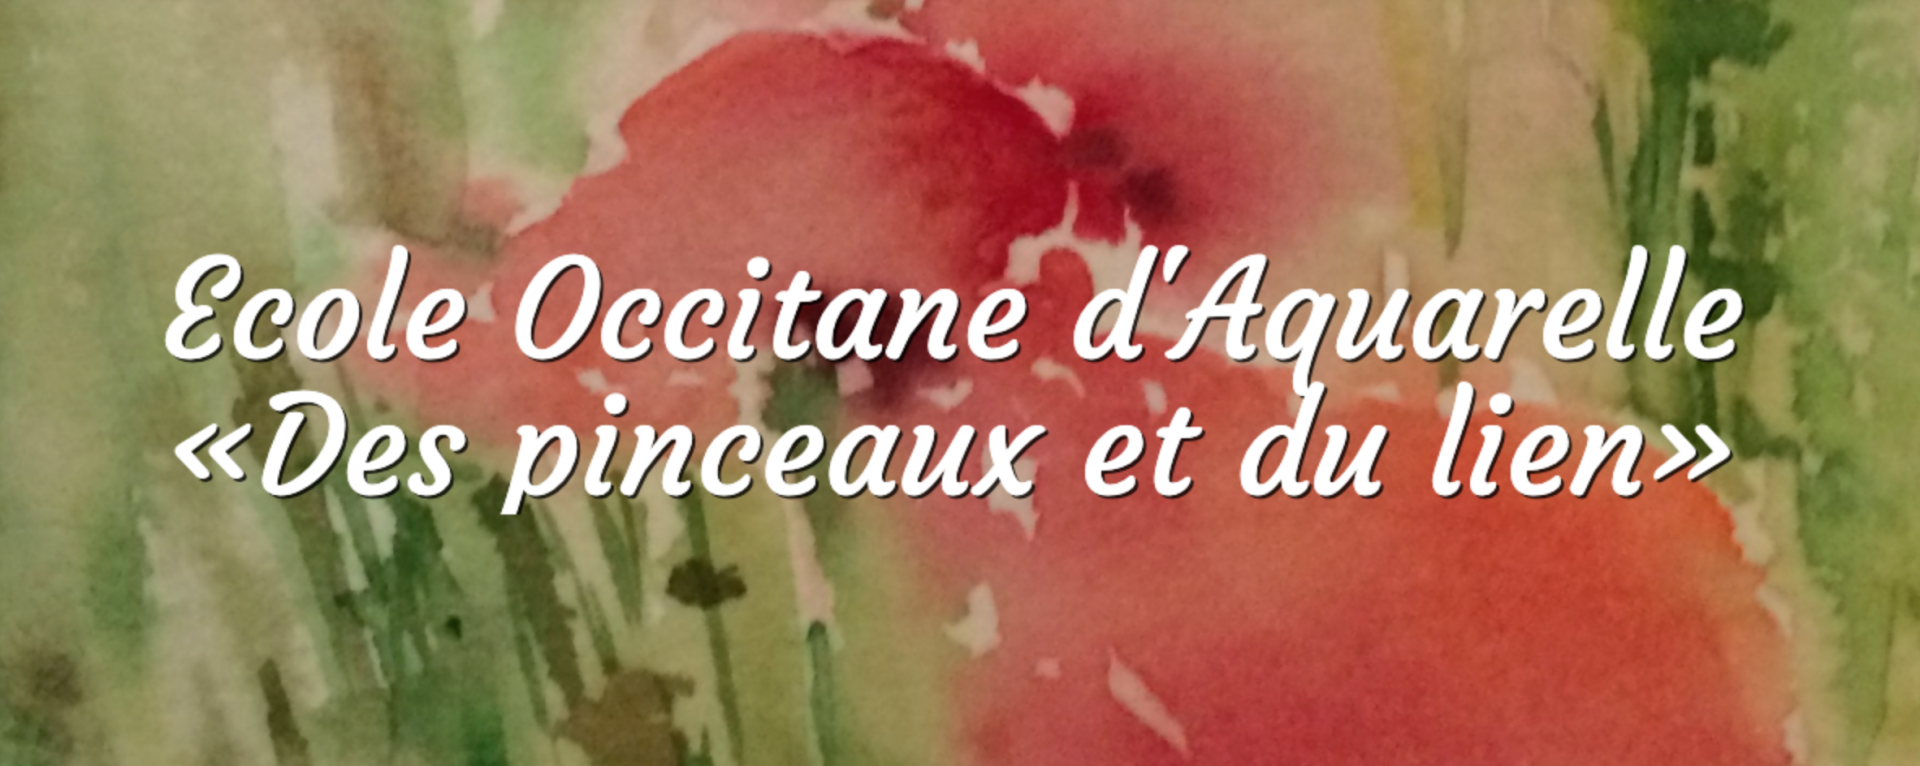 Ecole Occitane d'Aquarelle «Des pinceaux et du lien»